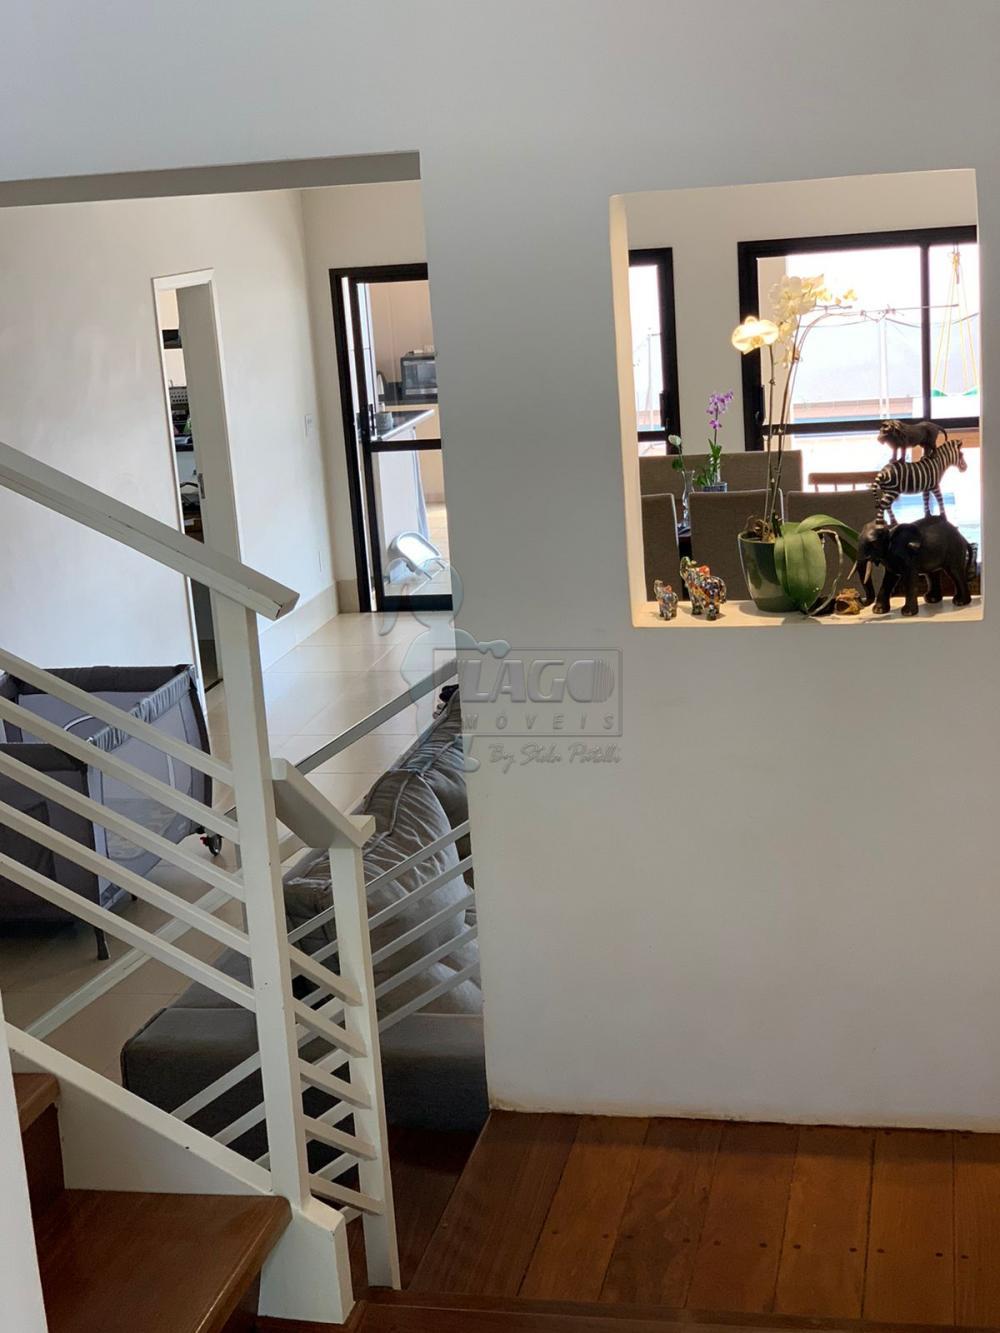 Comprar Casas / Condomínio em Bonfim Paulista R$ 1.555.000,00 - Foto 29